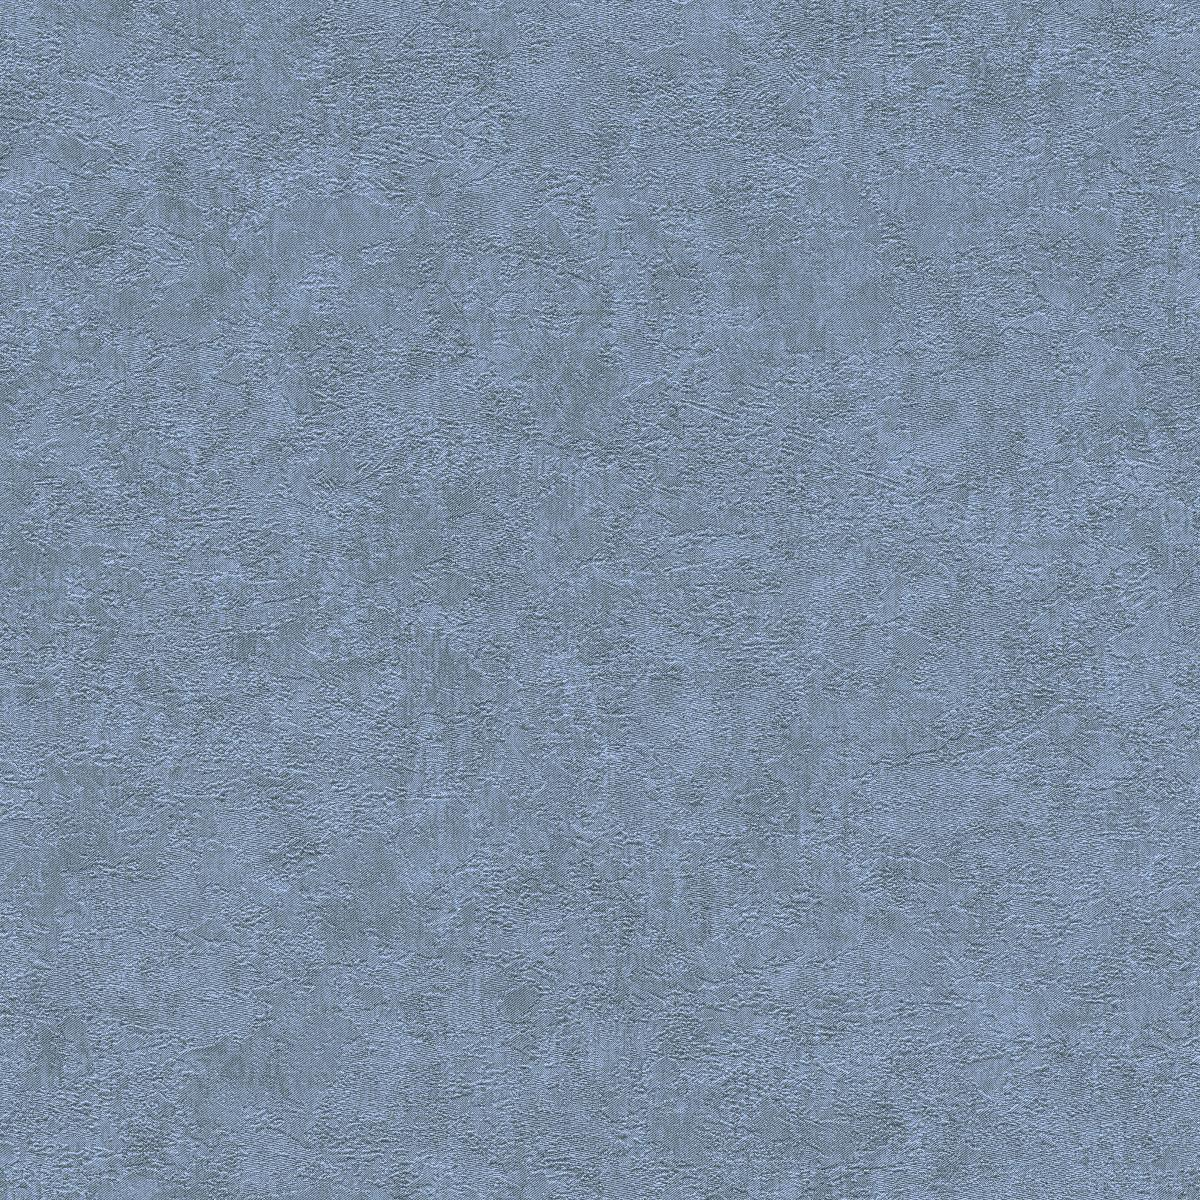 Обои флизелиновые Rasch Fiore фиолетовые 1.06 м 935998